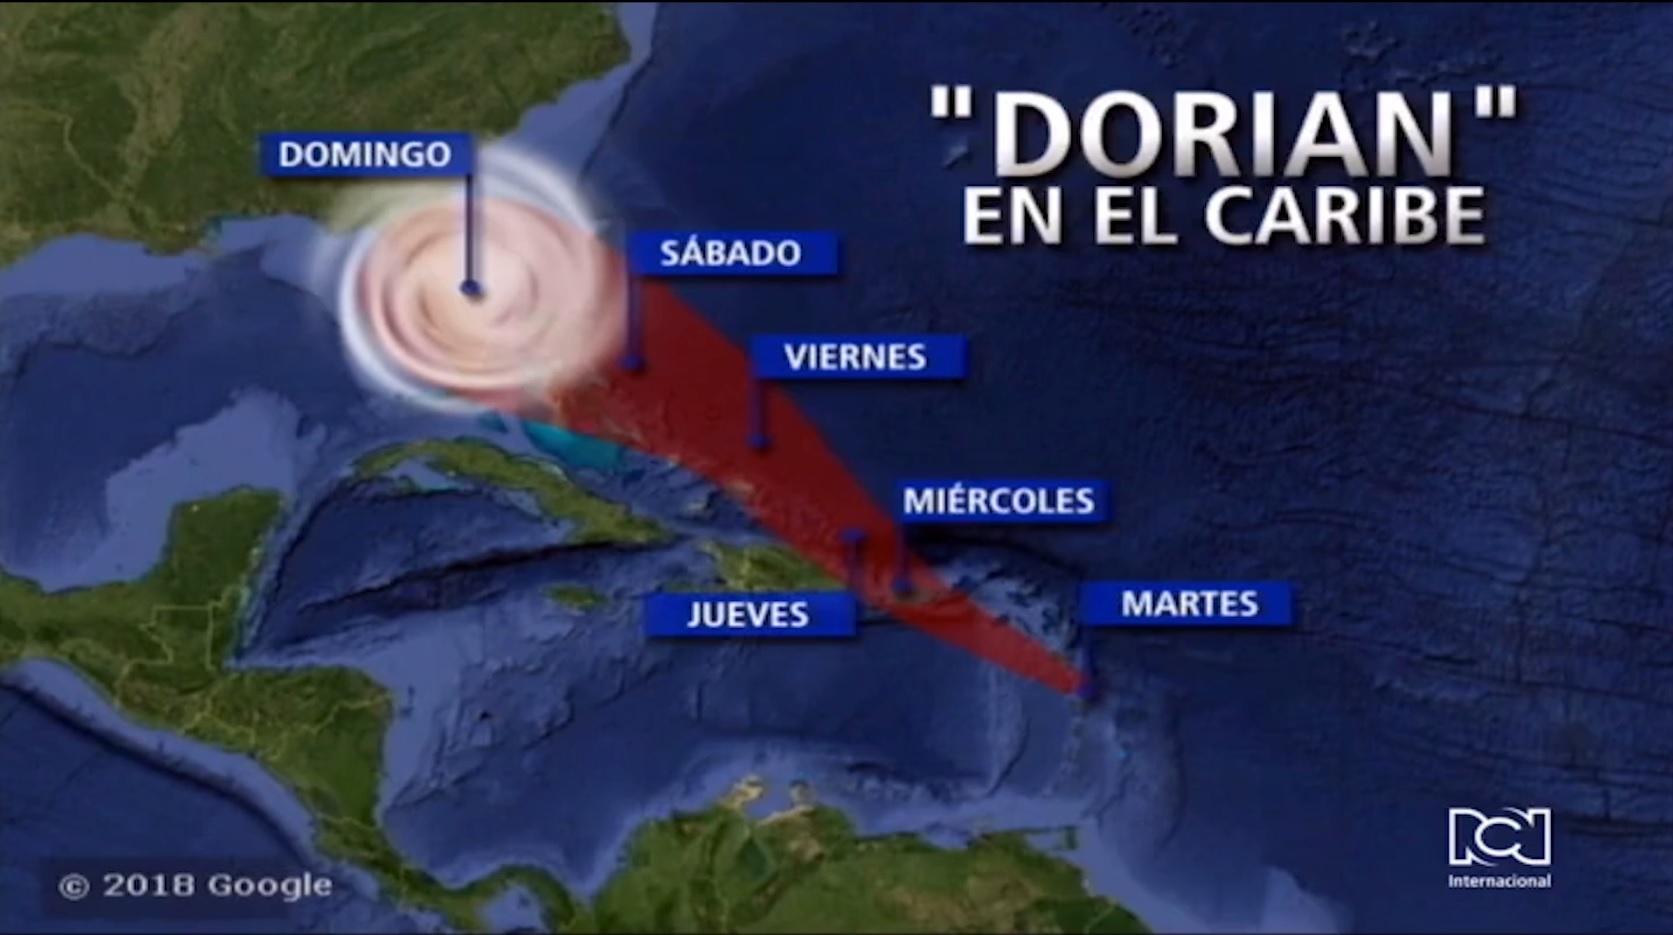 Doria llegará este fin de semana a Estados Unidos siendo huracán de categoría 2